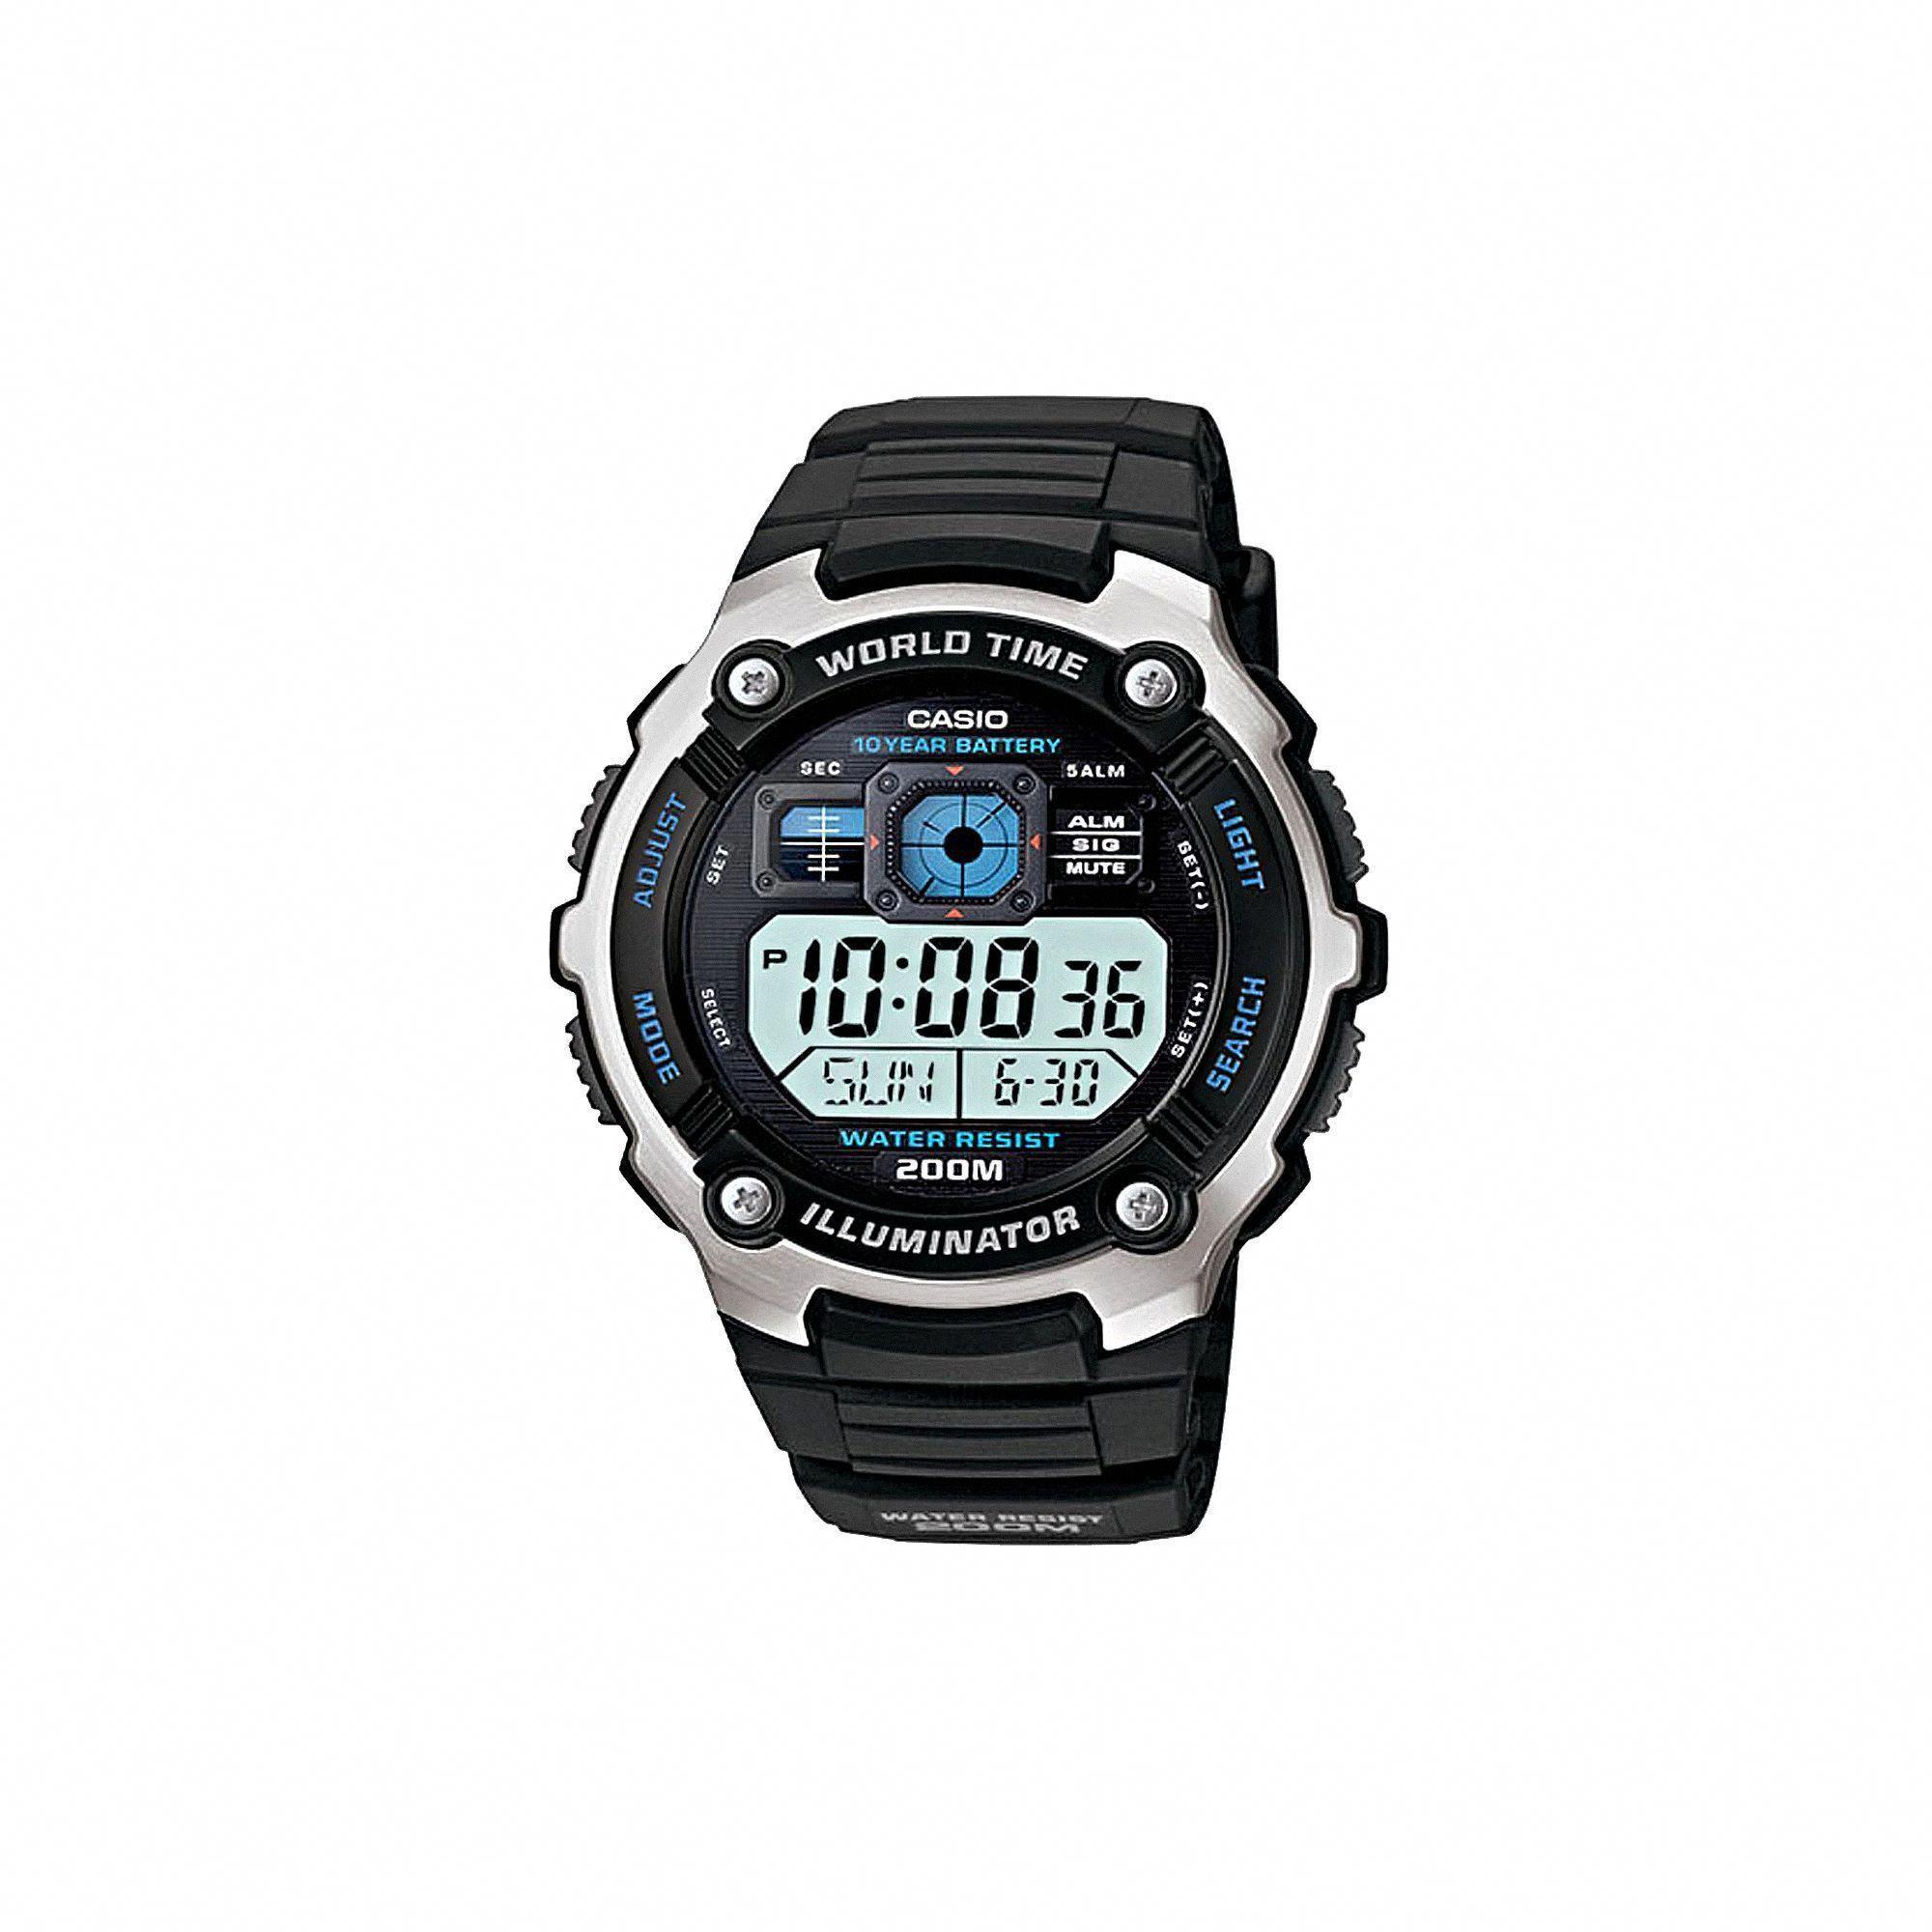 6199edb6a50 Casio Men s Illuminator Digital Chronograph Watch - AE2000W-1AV ...